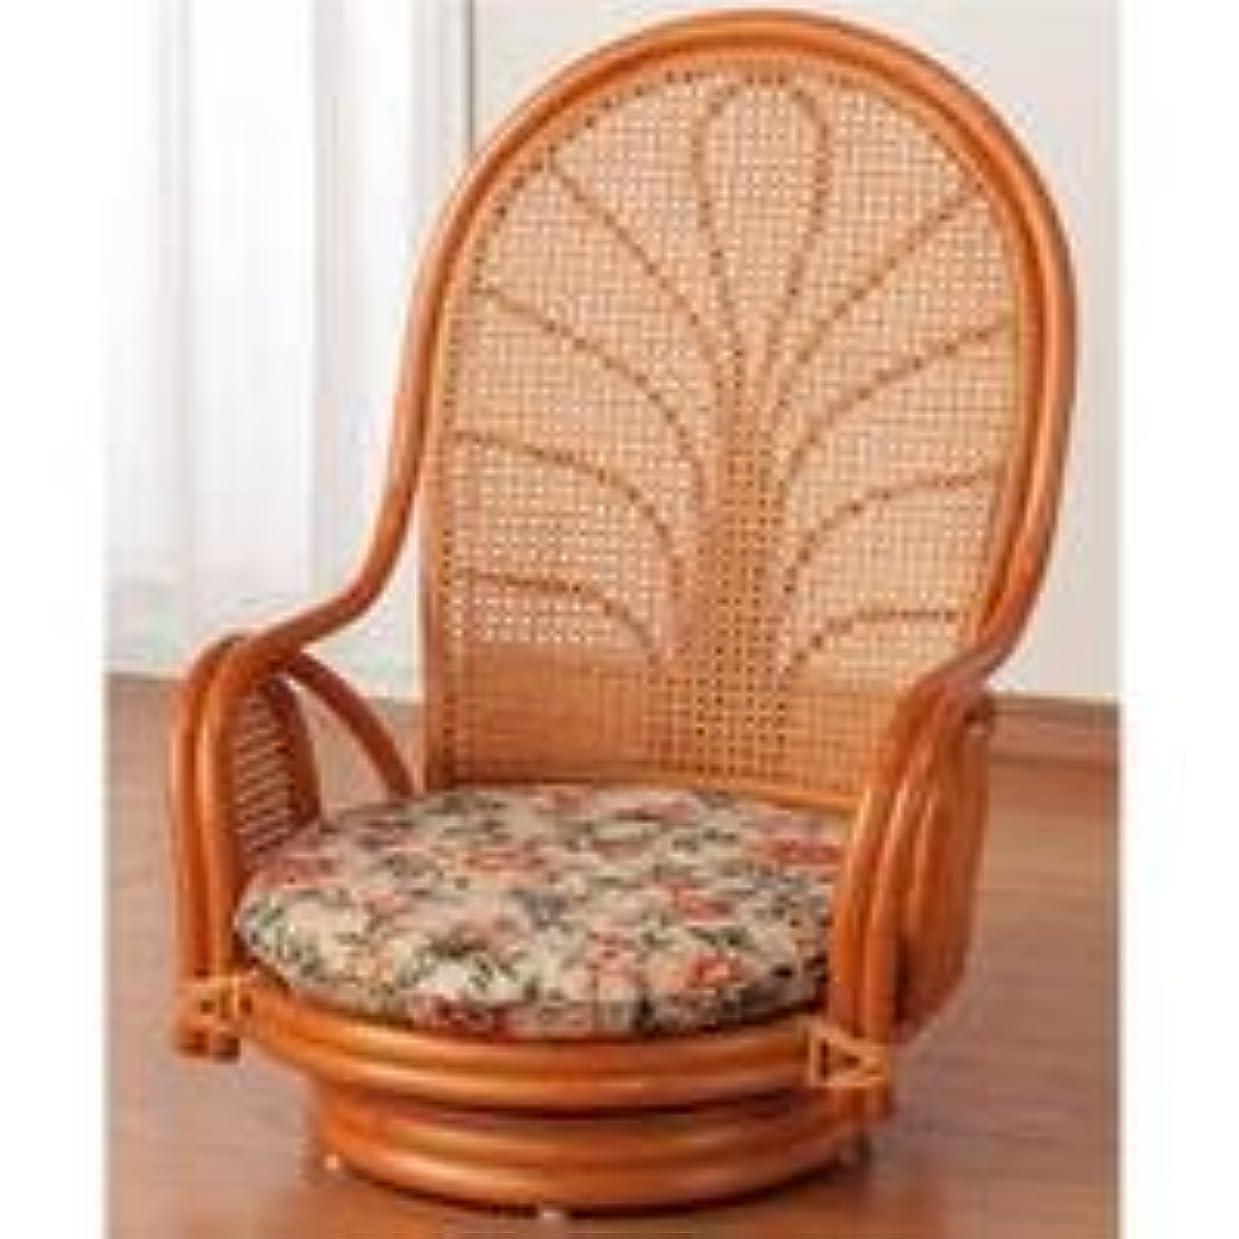 デッド食用アラスカ座椅子 回転 天然 籐(ラタン) ハイバック 回転式 座椅子 ロータイプ